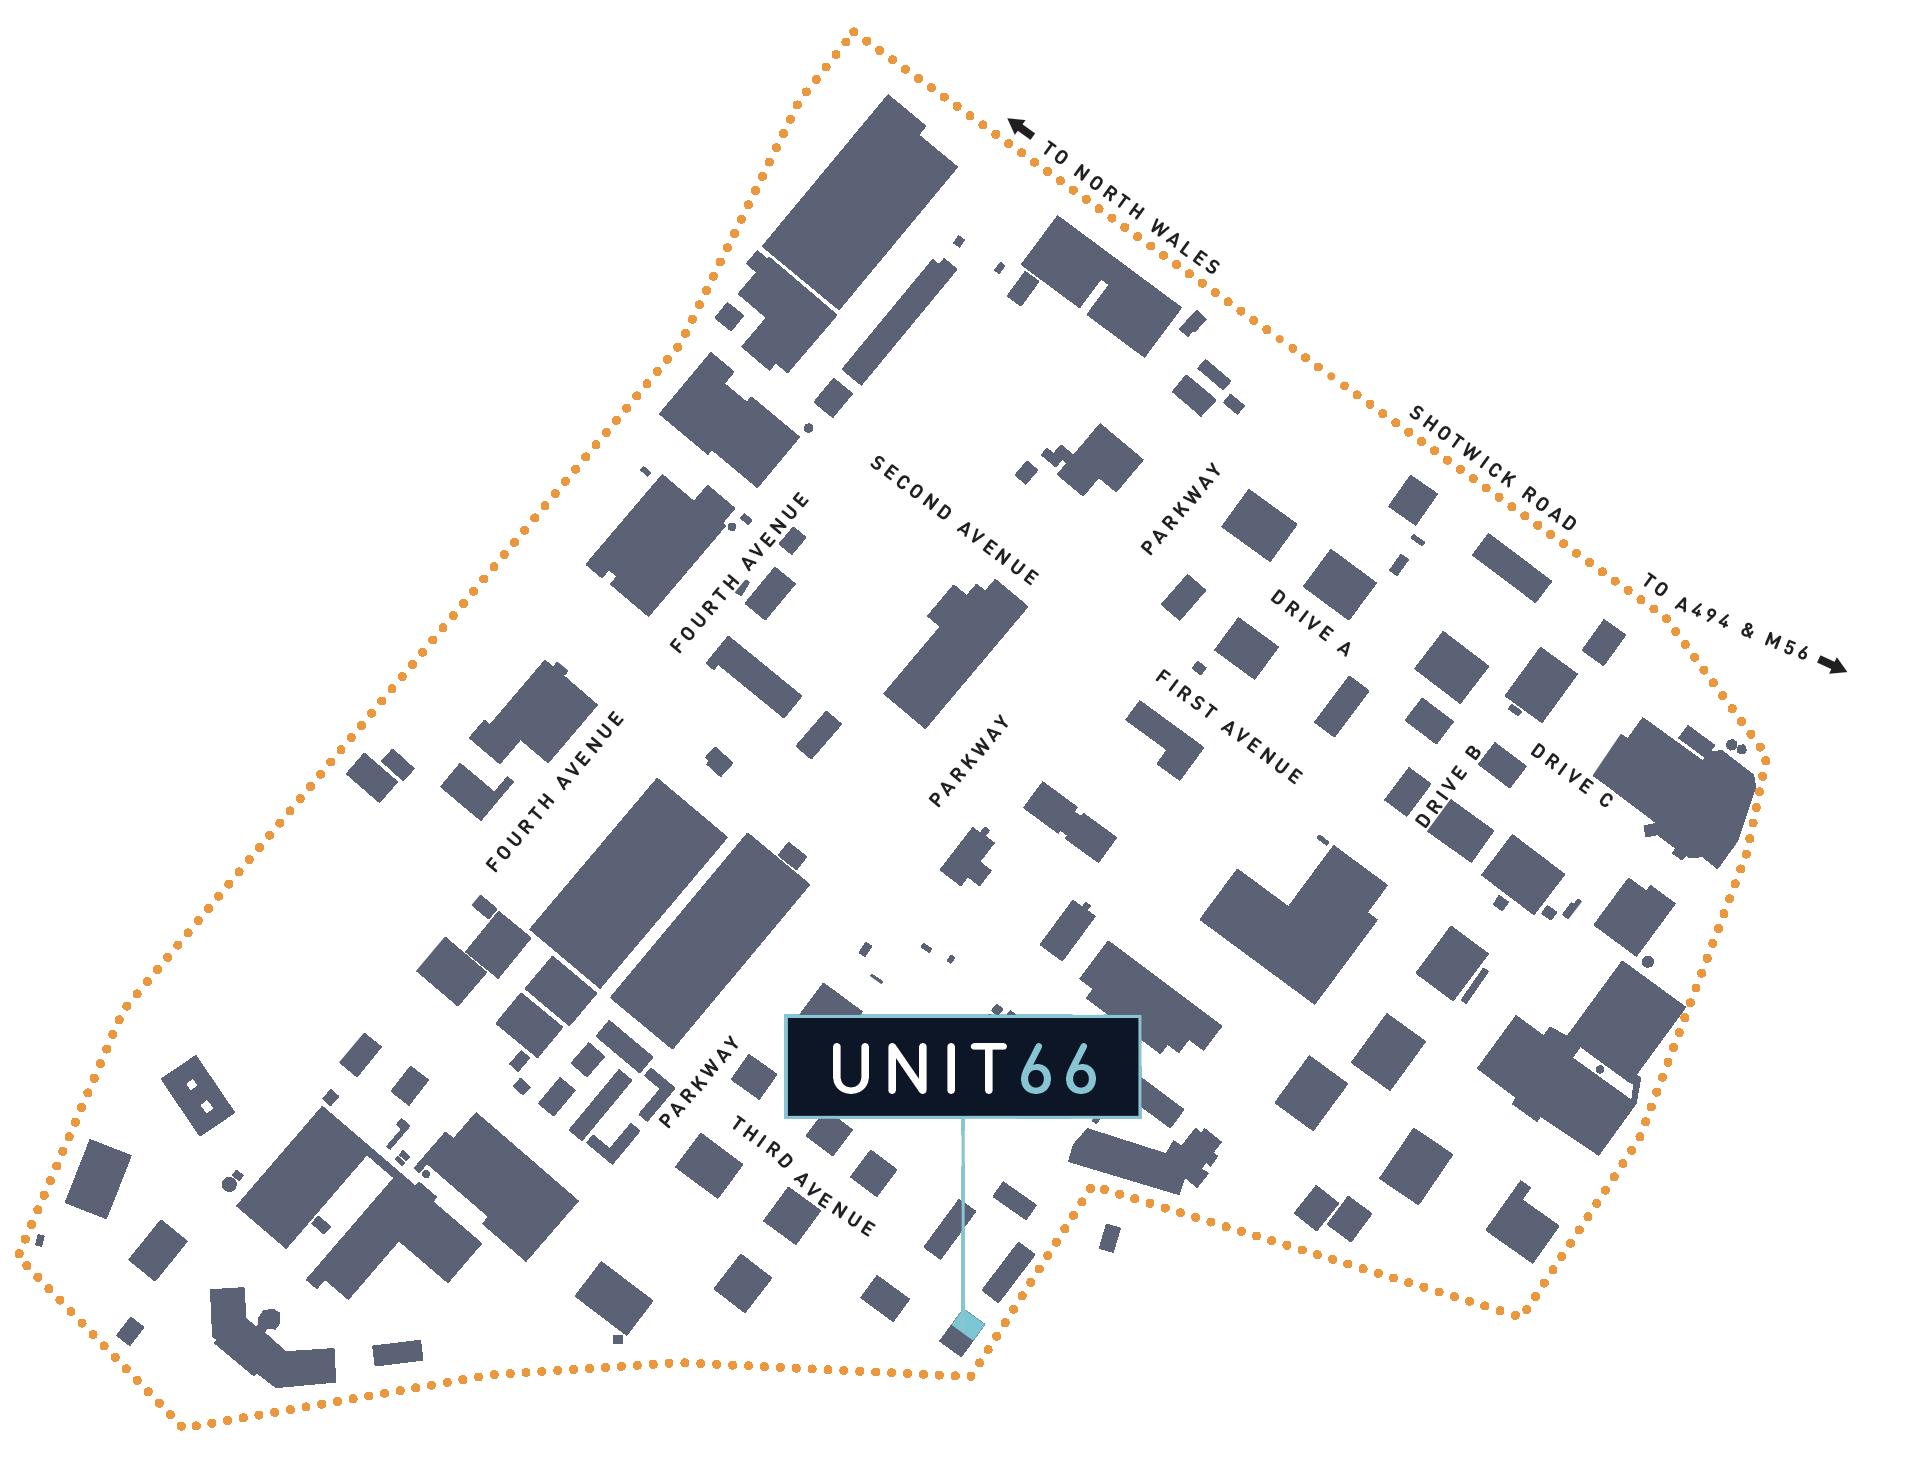 Unit 66 Plan